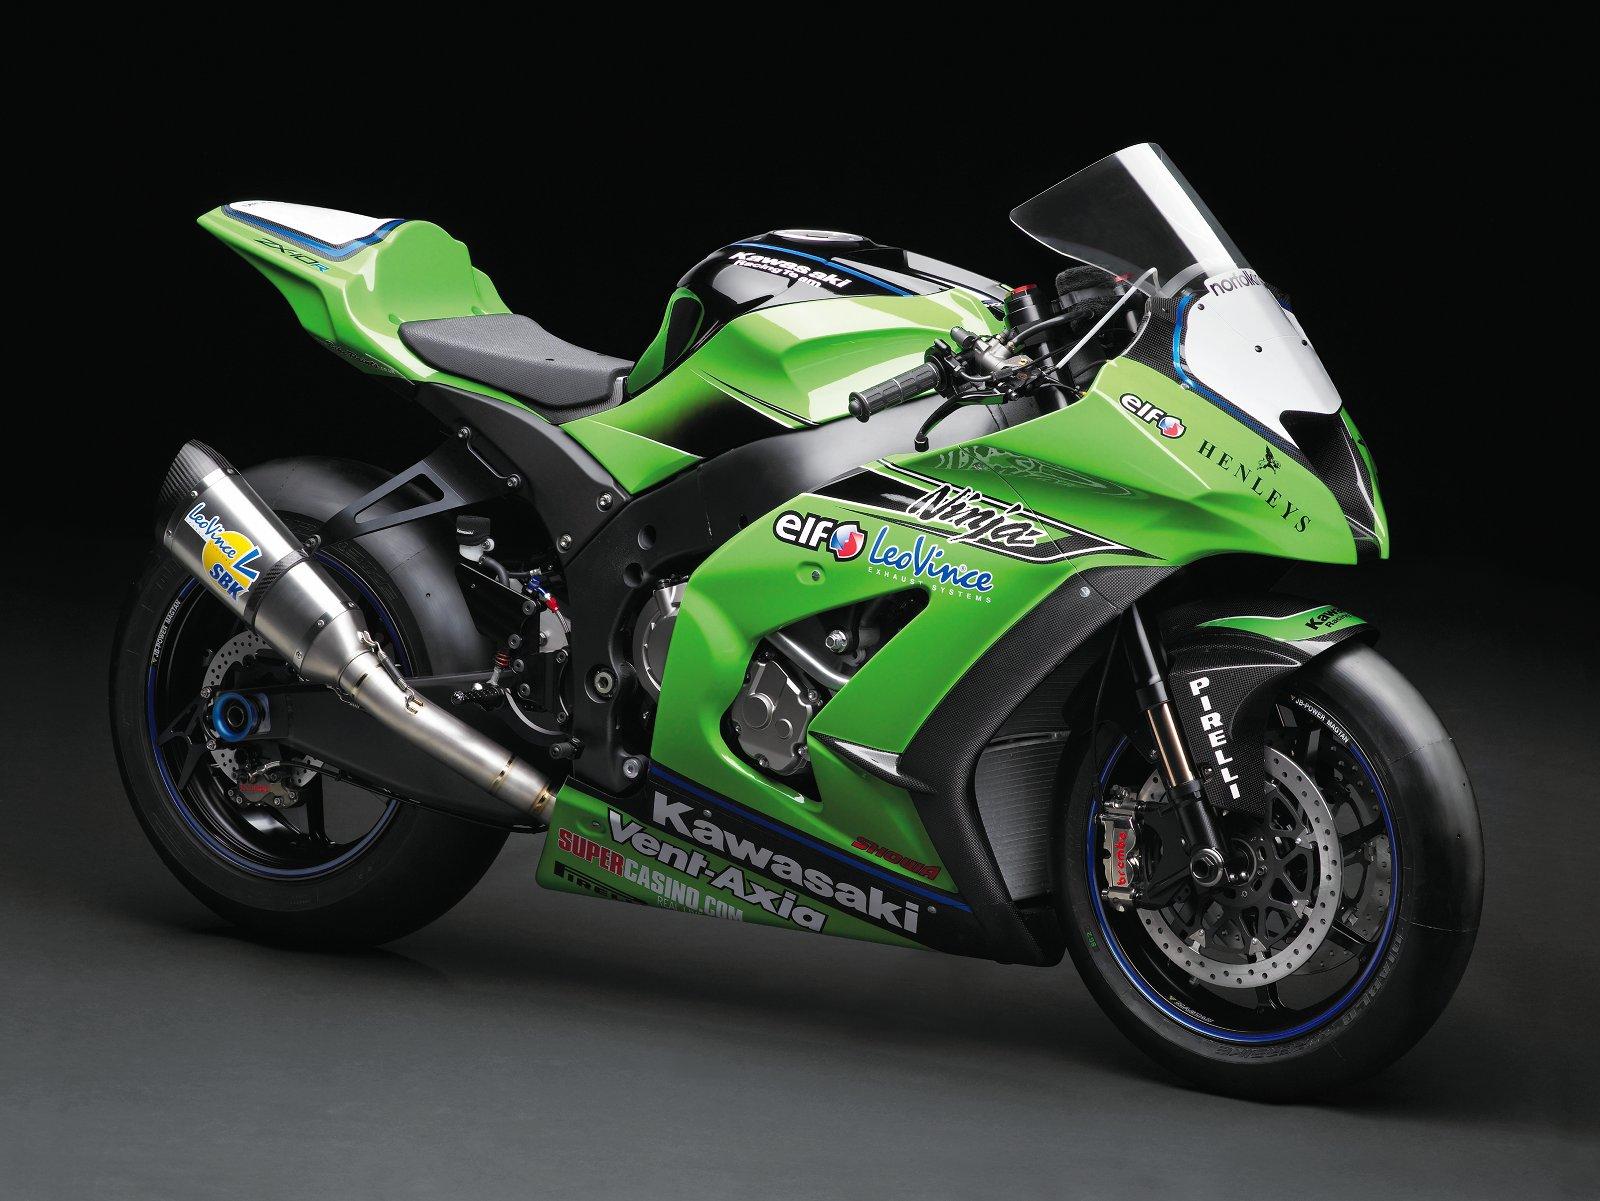 Kawasaki Ninja Zx10r 2011